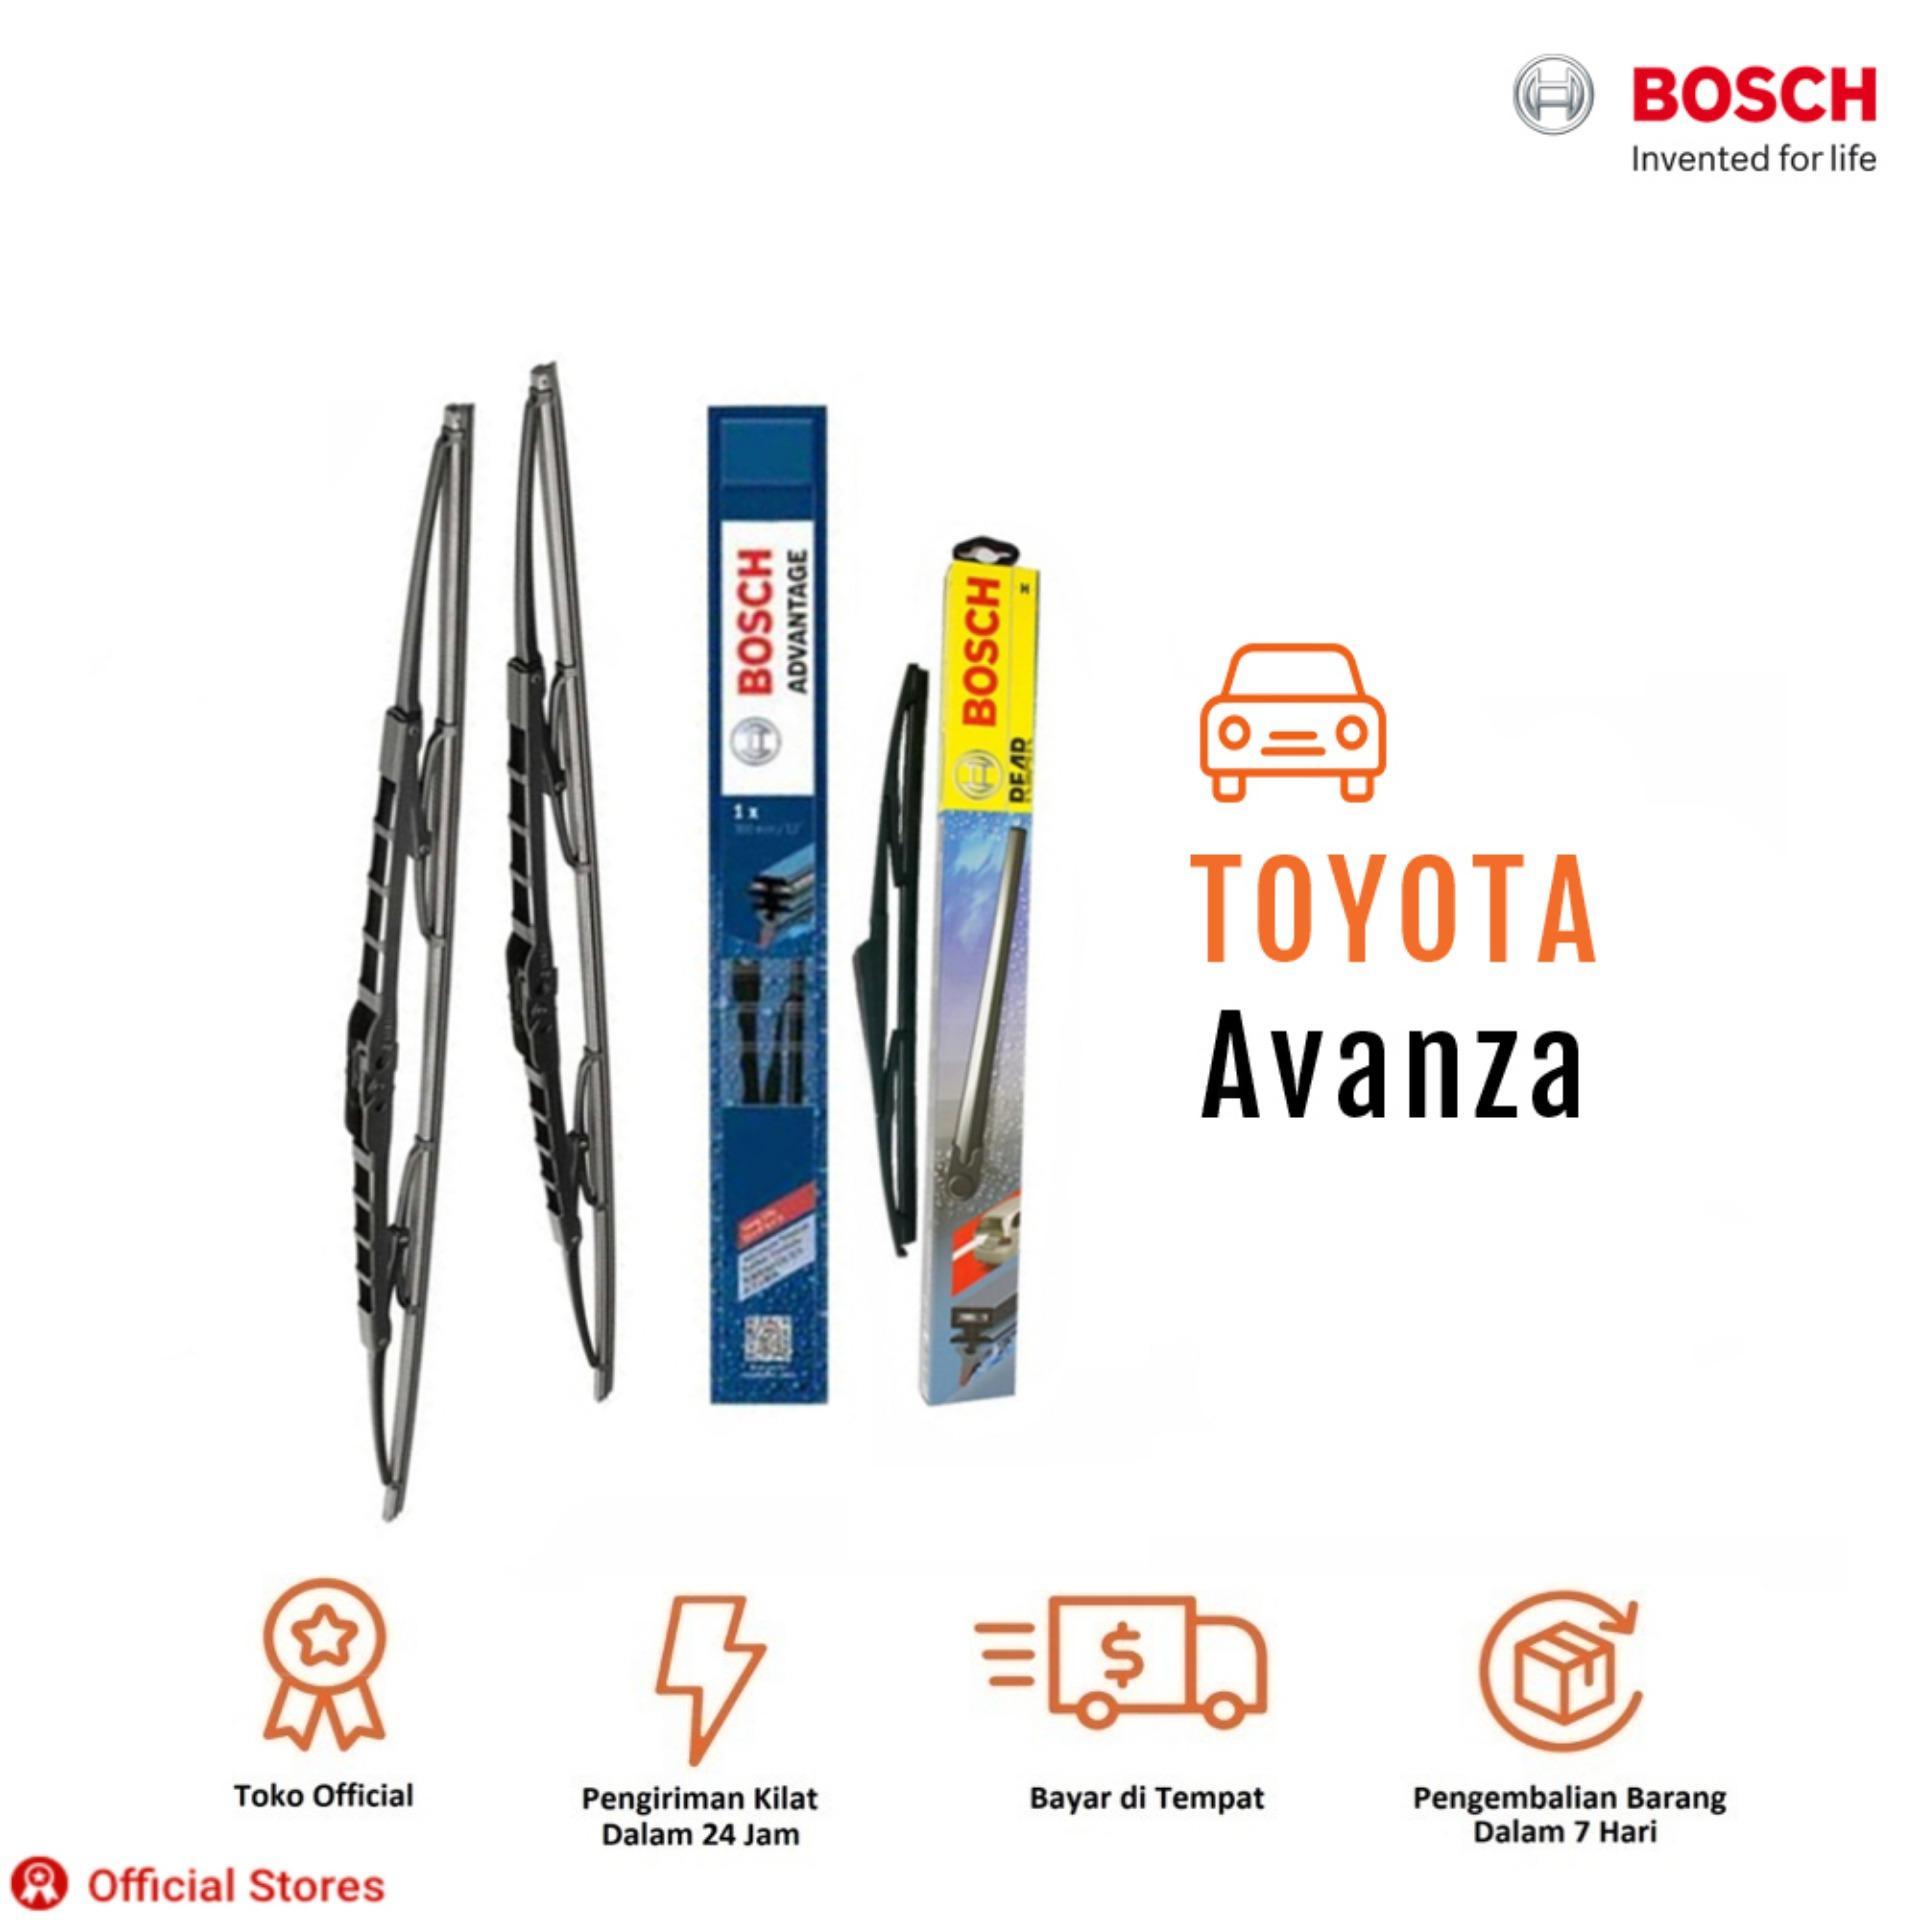 Bosch Wiper Depan & Belakang Kaca Mobil Toyota New Avanza Advantage 21